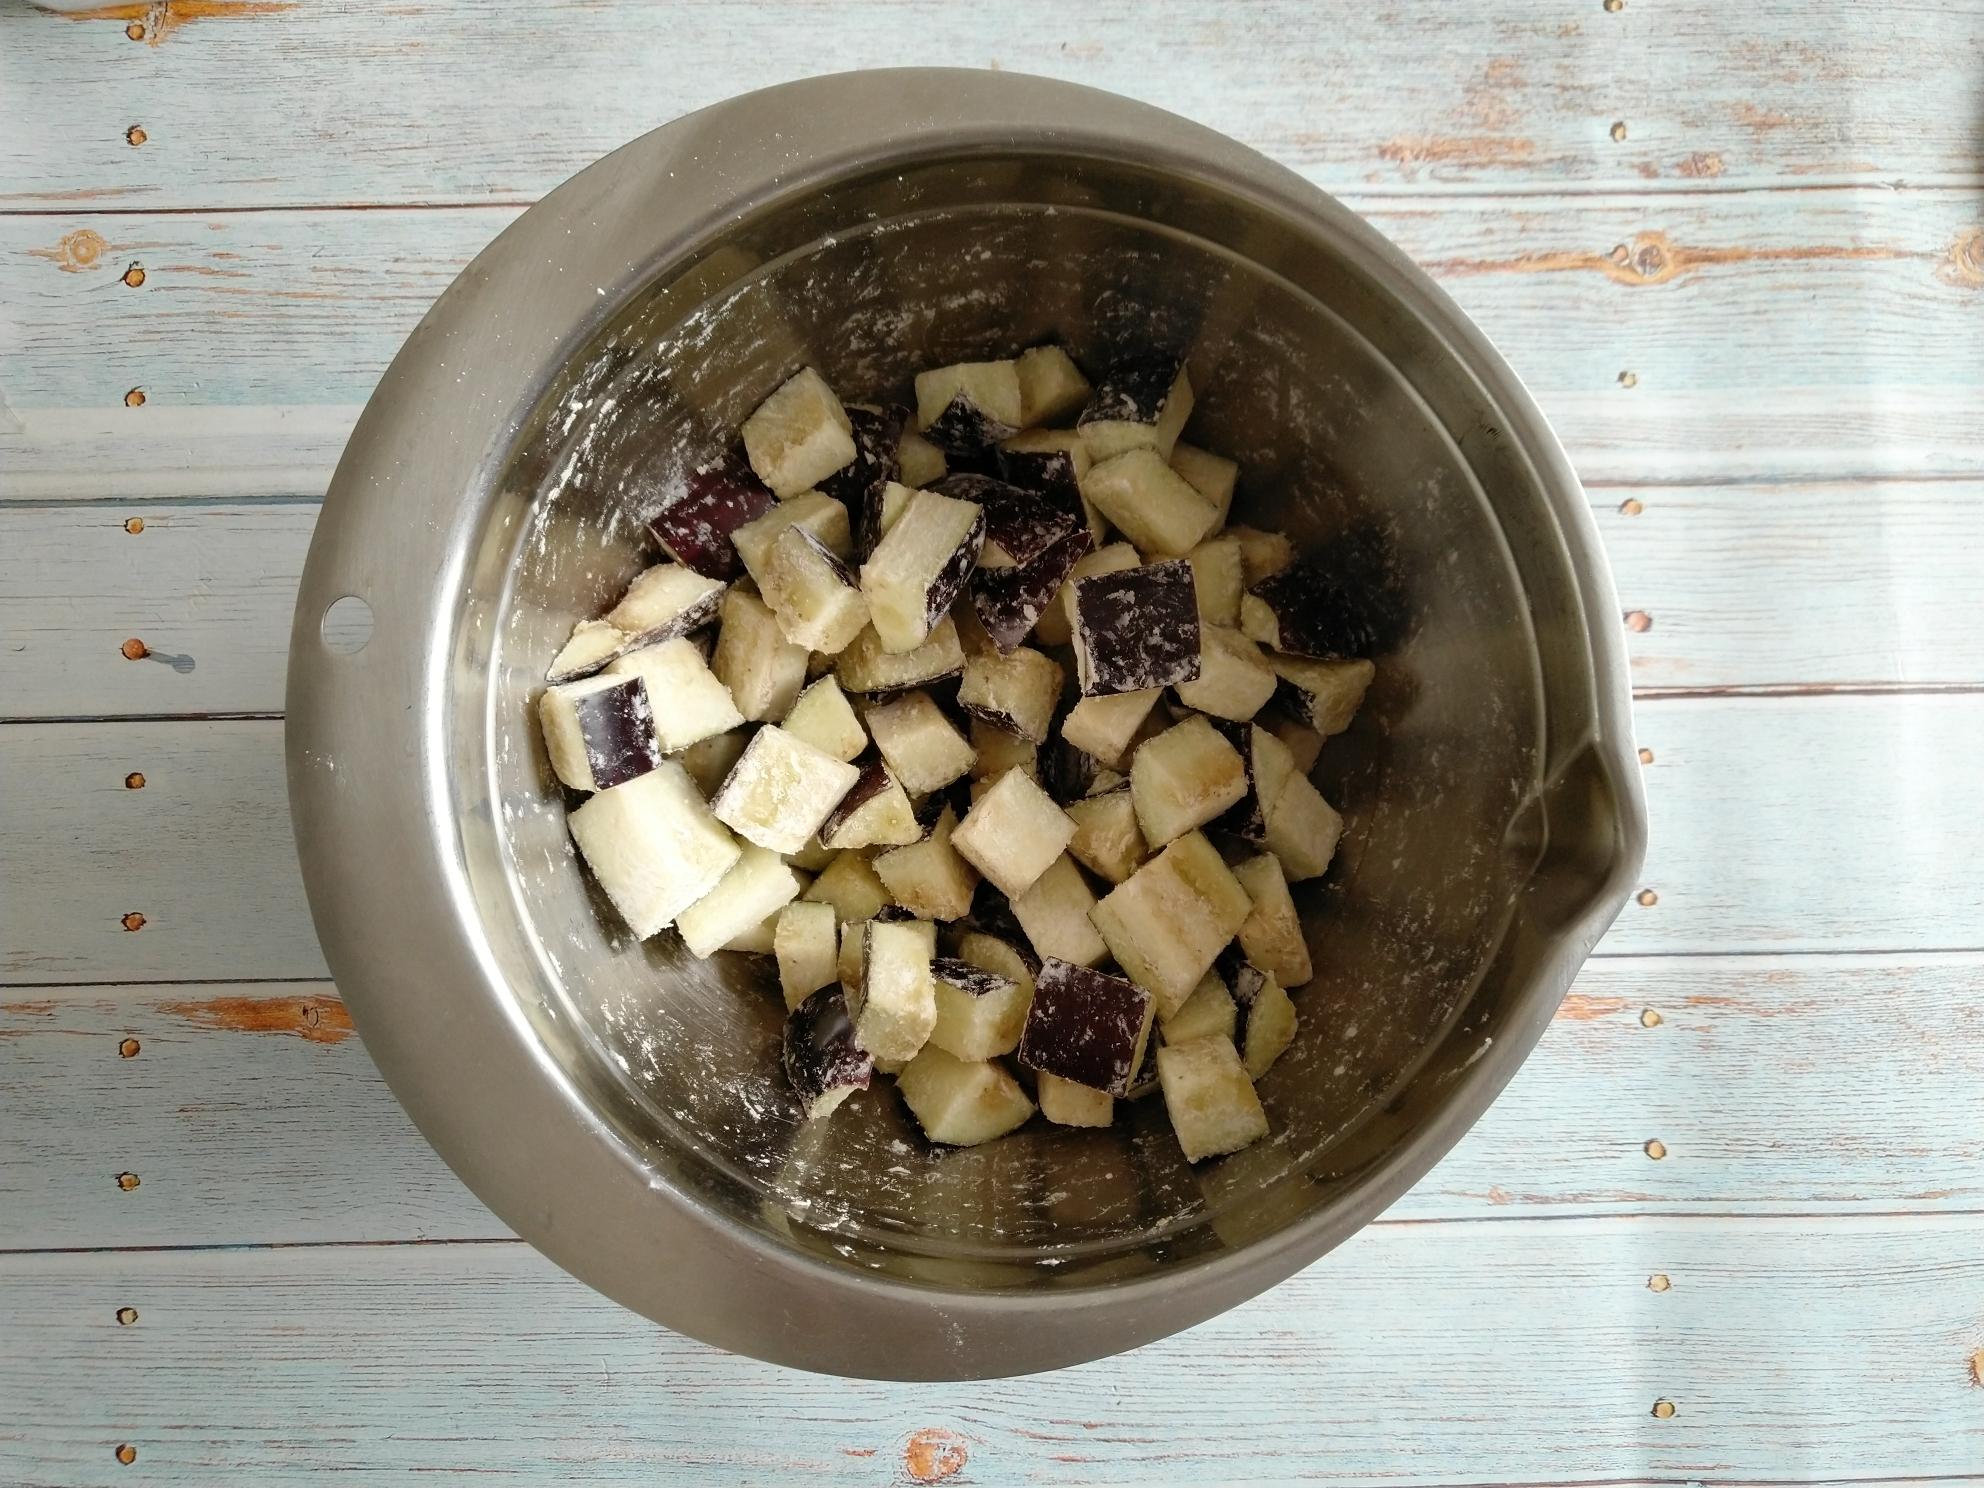 茄丁肉酱面,切好的茄丁放适量淀粉抓拌均匀 淀粉的量不用太多 基本能裹匀茄块即可。</p> <p>